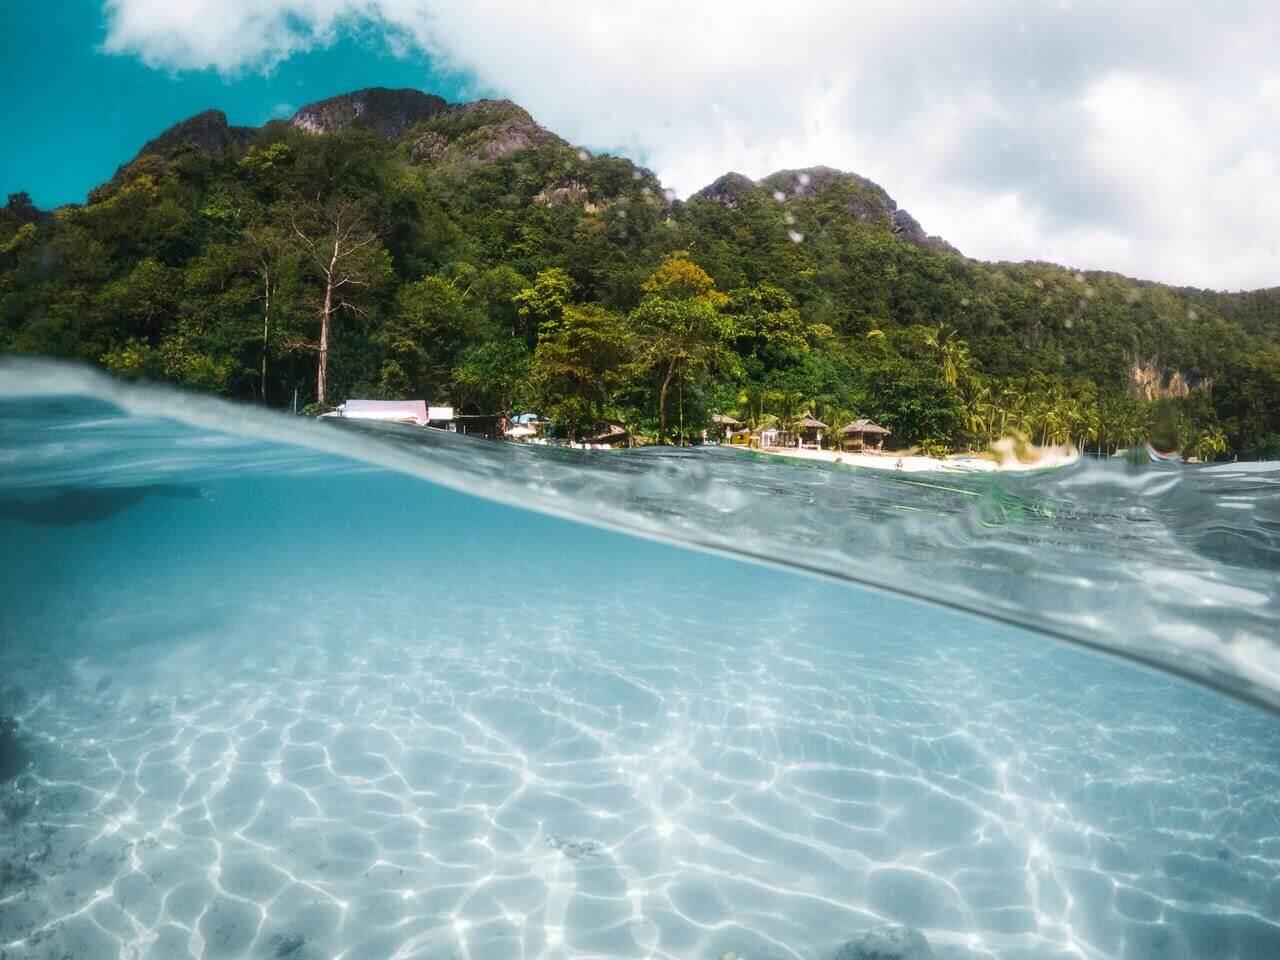 Indonesië vanuit de zee een foto genomen van het strand